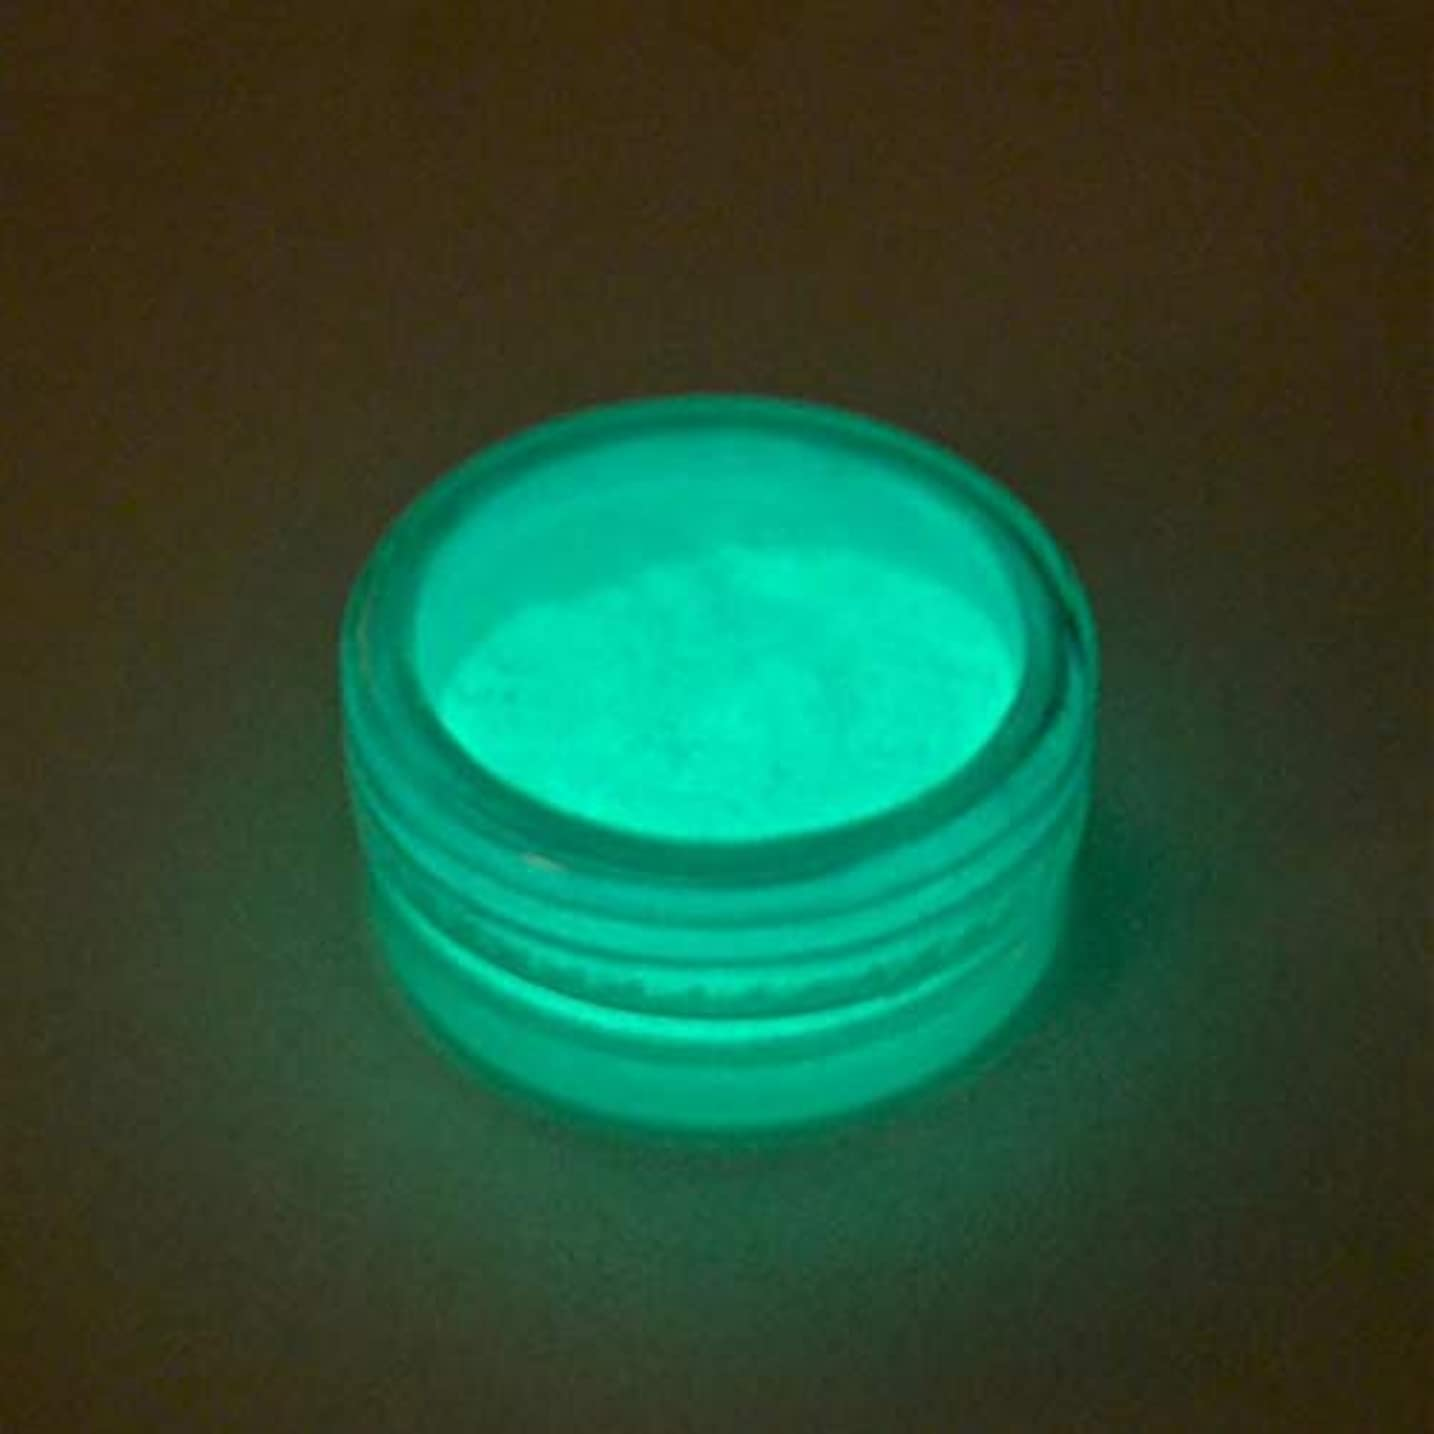 精査するつまずく取得ダーク砂パウダー顔料ダストルミナスネイルグリッターホログラフィックグリッターで1個蛍光粉DIY明るいネイルアートグロー,6